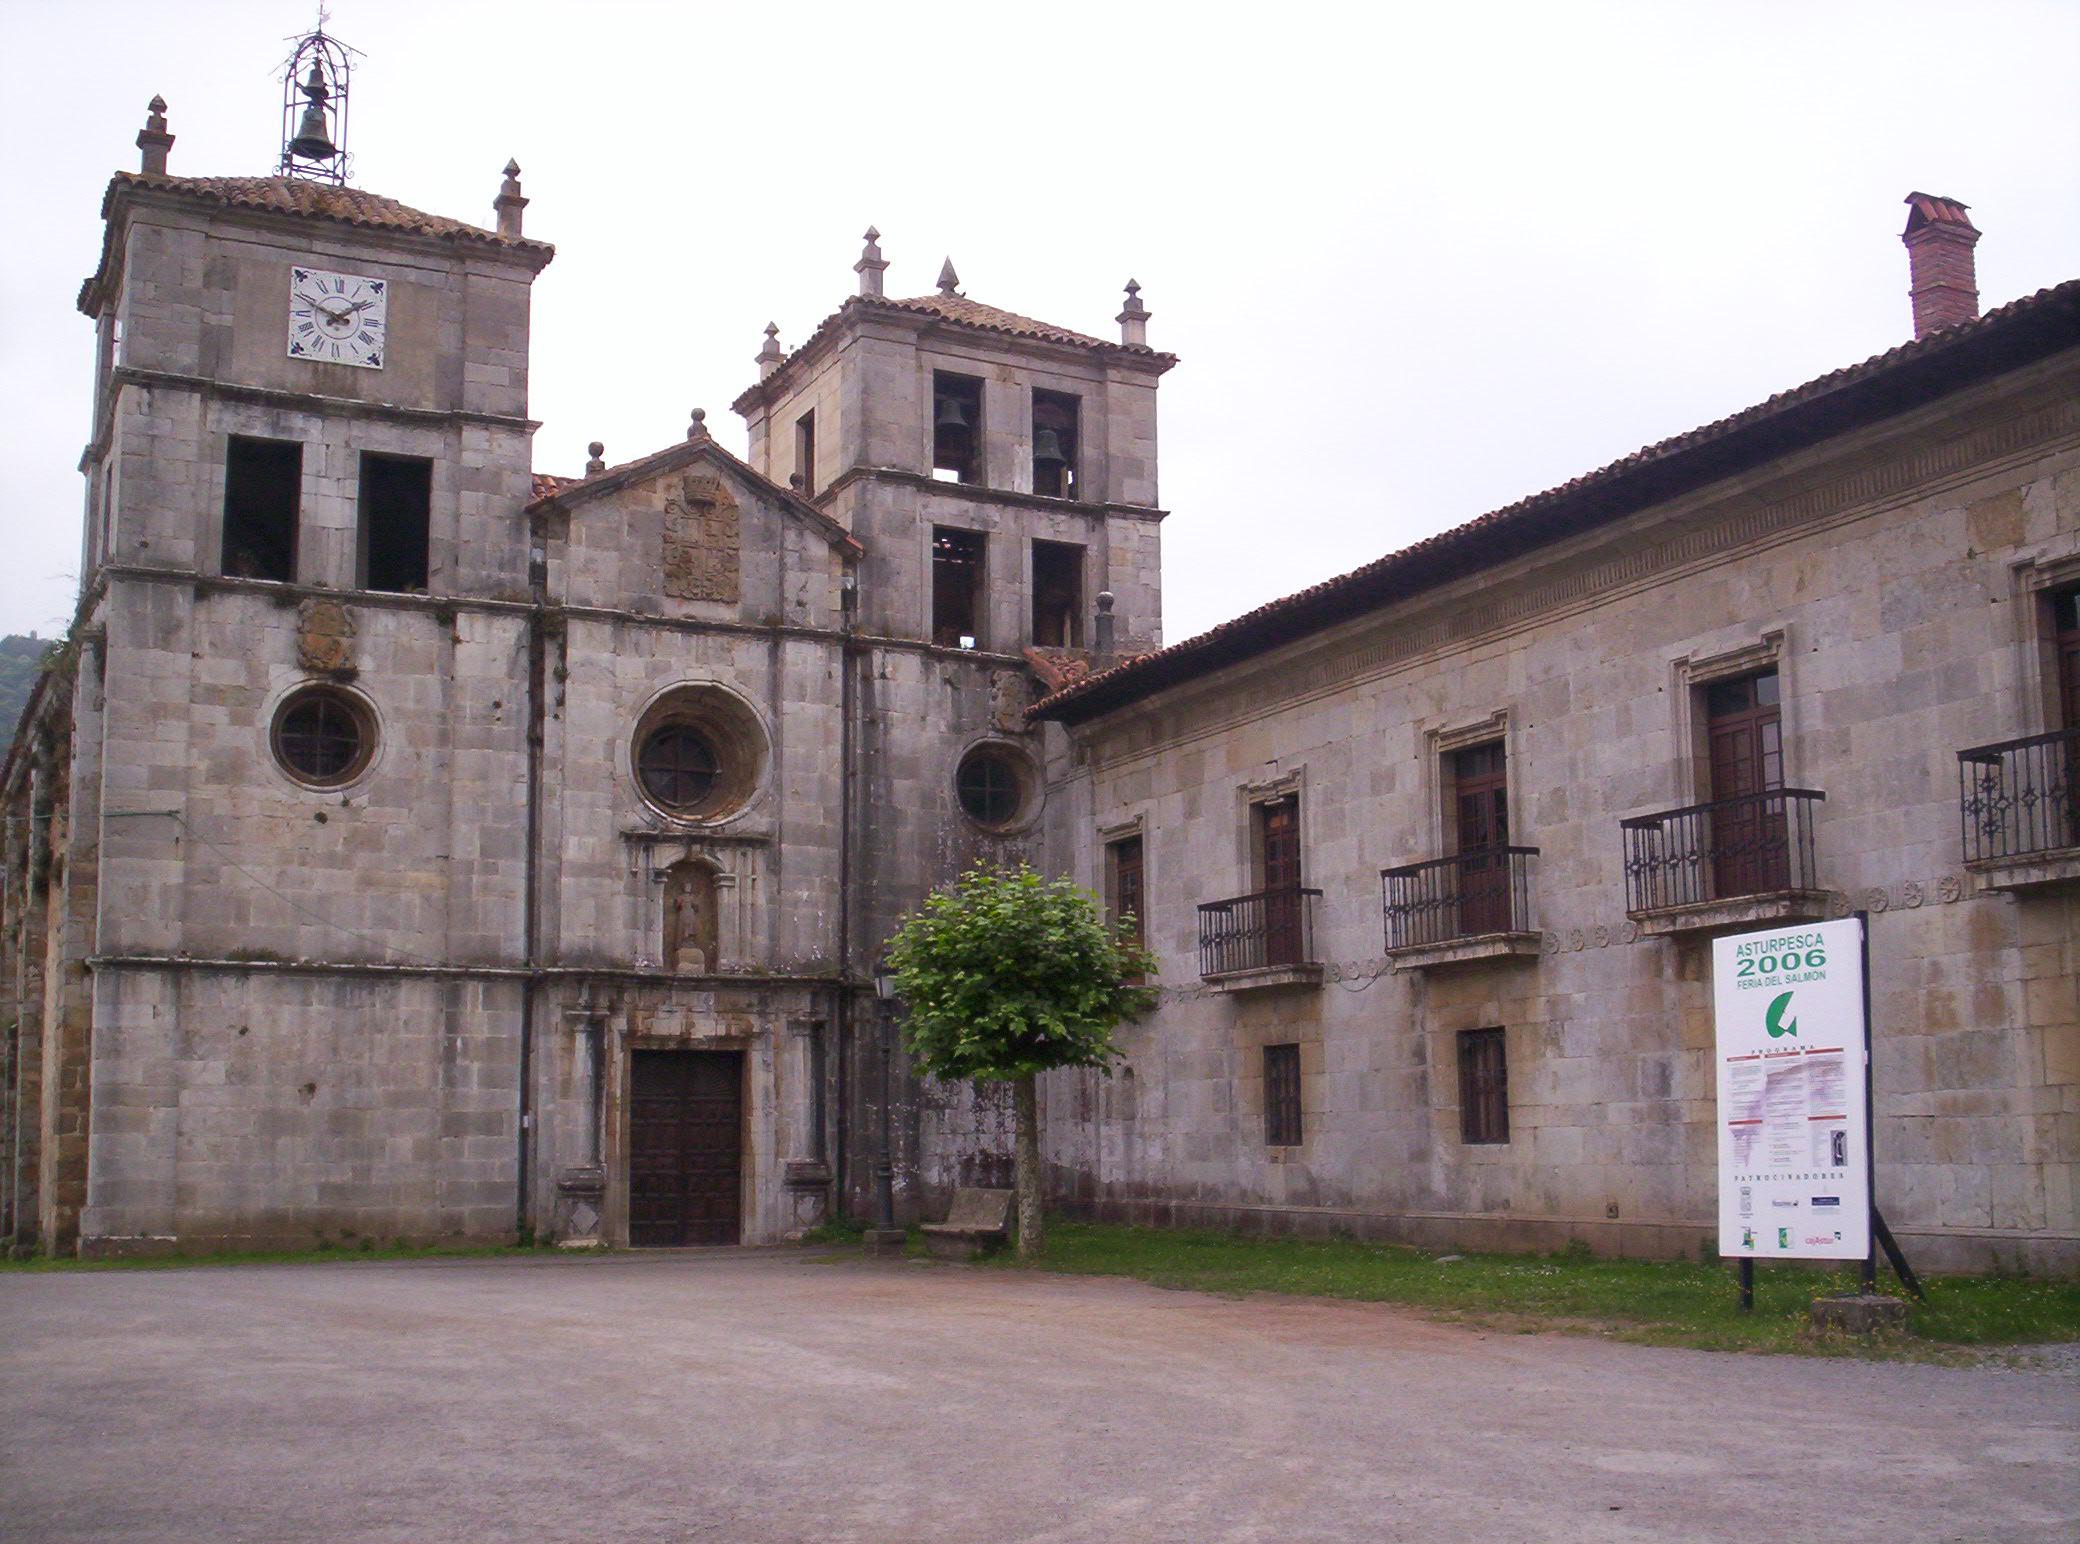 Monasterio de San Salvador (Cornellana) - Wikipedia, la ...